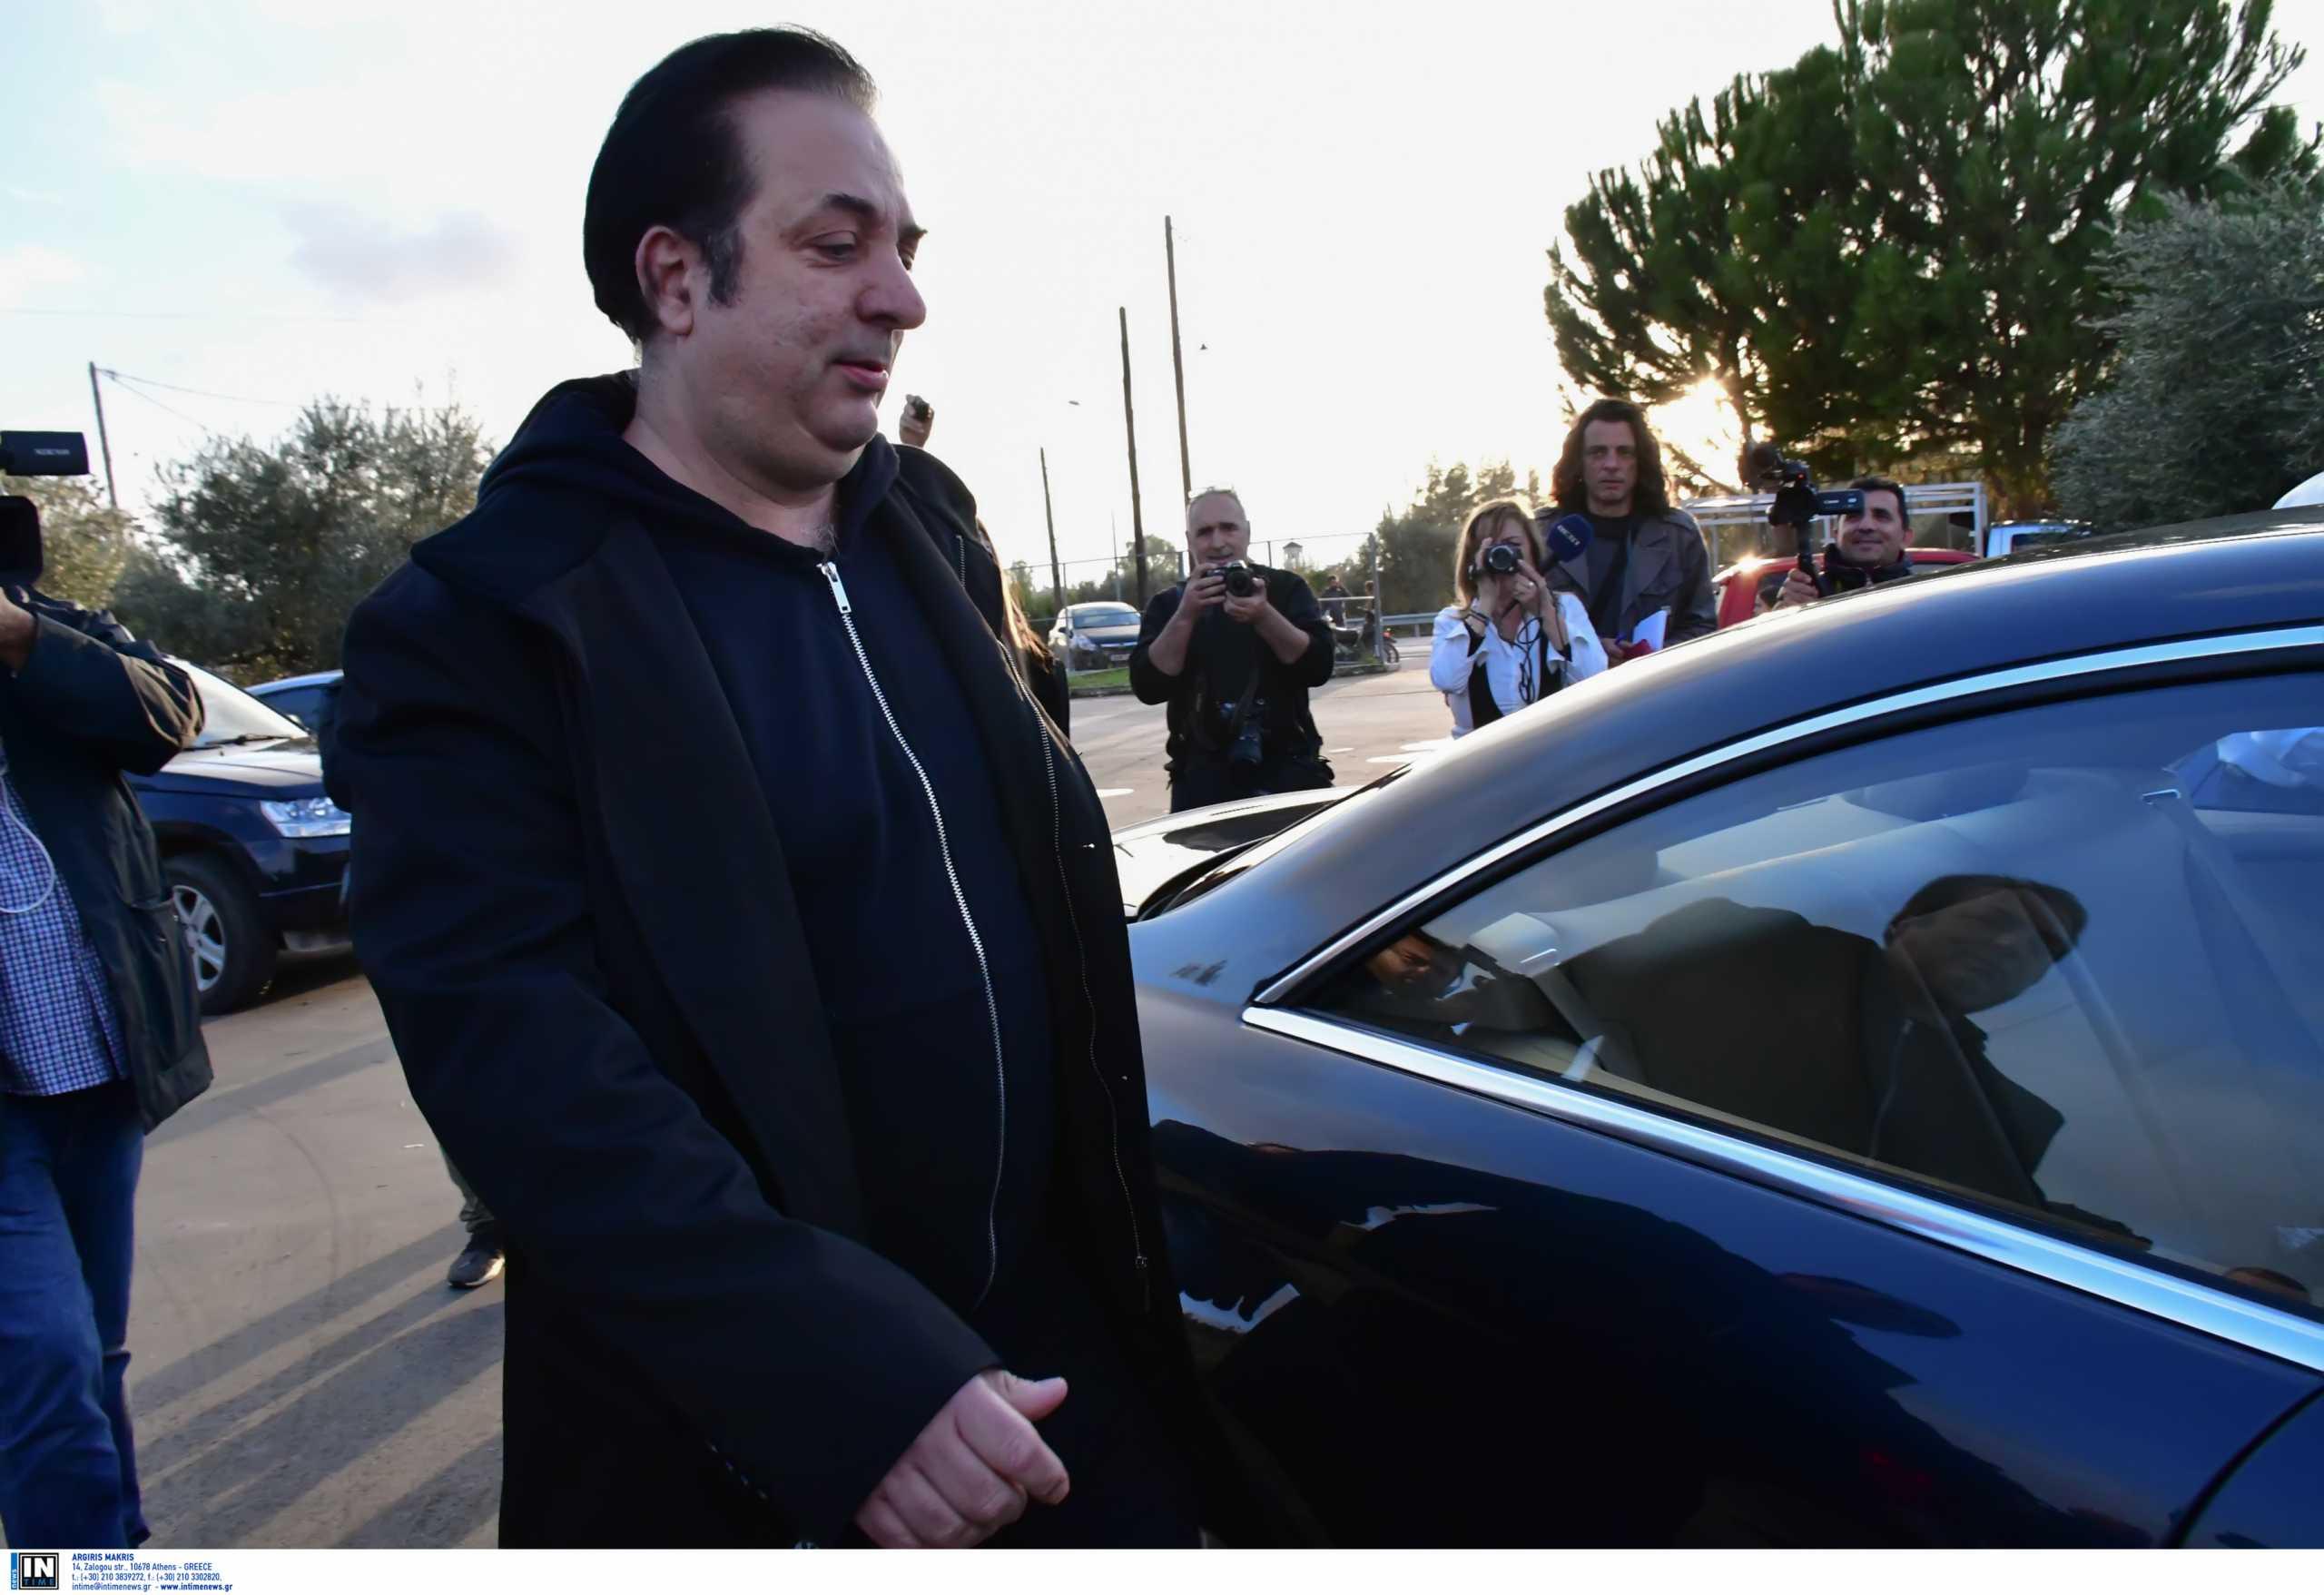 Ριχάρδος: Απαλλάχθηκε οριστικά από όλες τις κατηγορίες